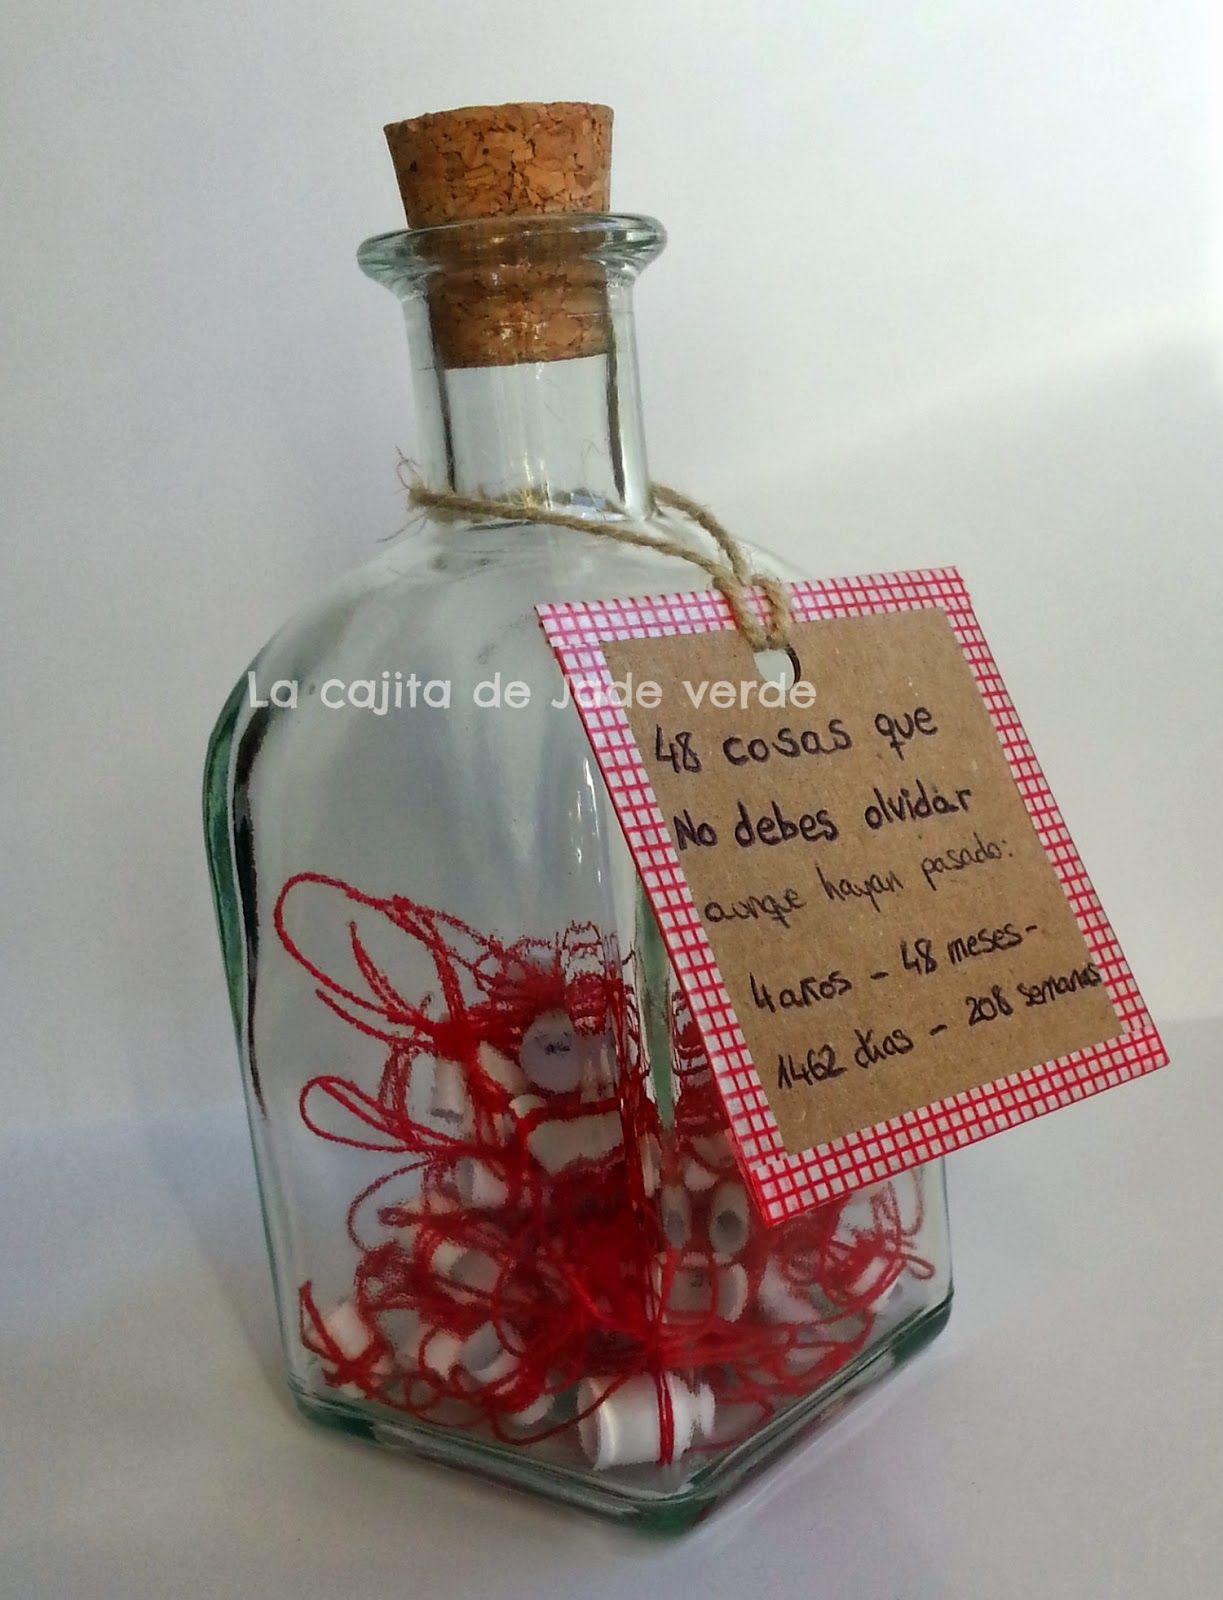 La cajita de jade verde febrero 2014 manualidades - Detalles romanticos originales ...